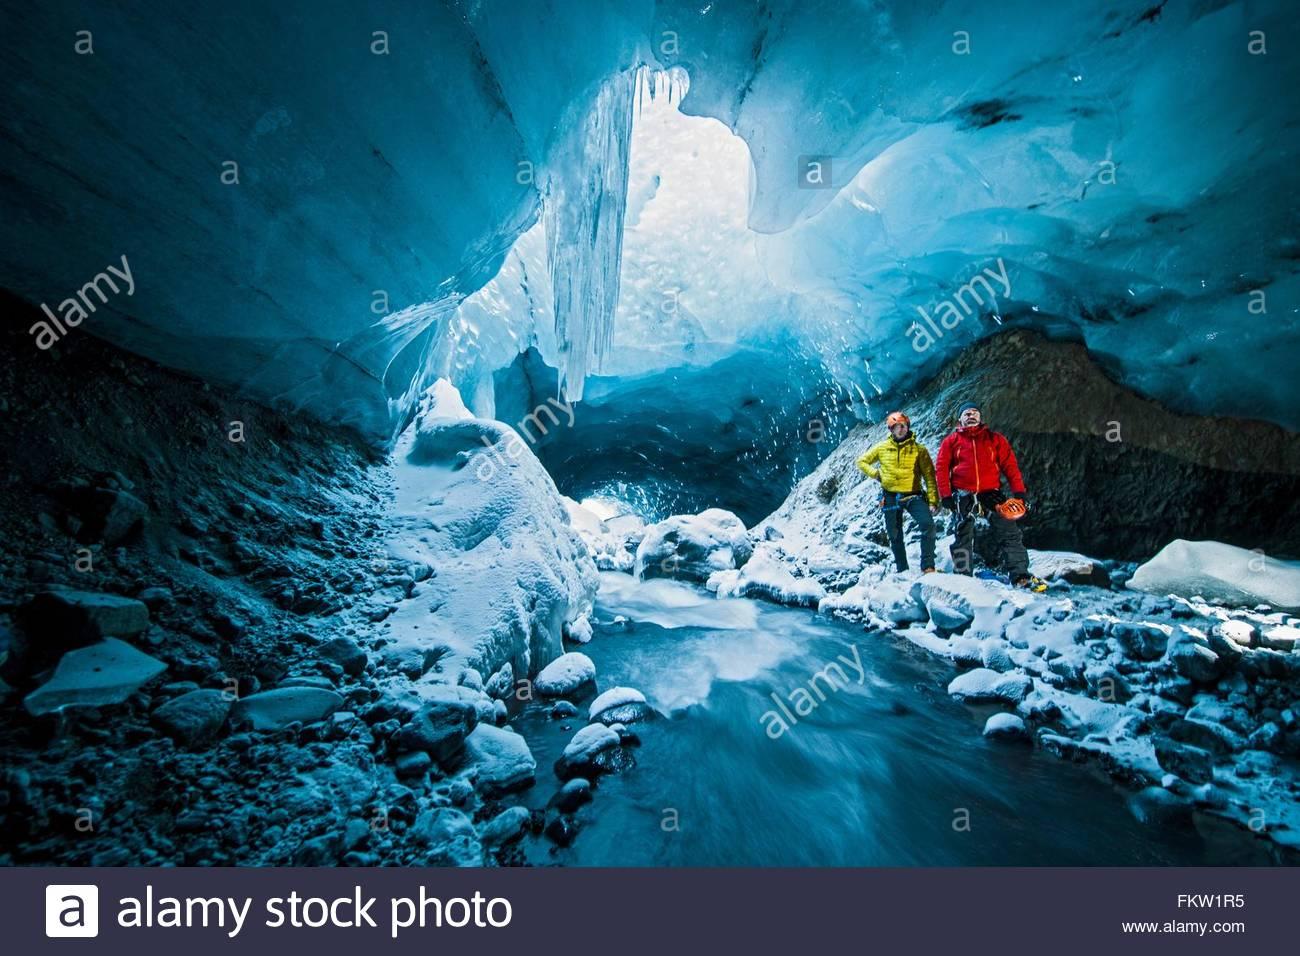 Retrato de dos hombres en la cueva de hielo debajo del glaciar Gigjokull Thorsmork, Islandia Imagen De Stock